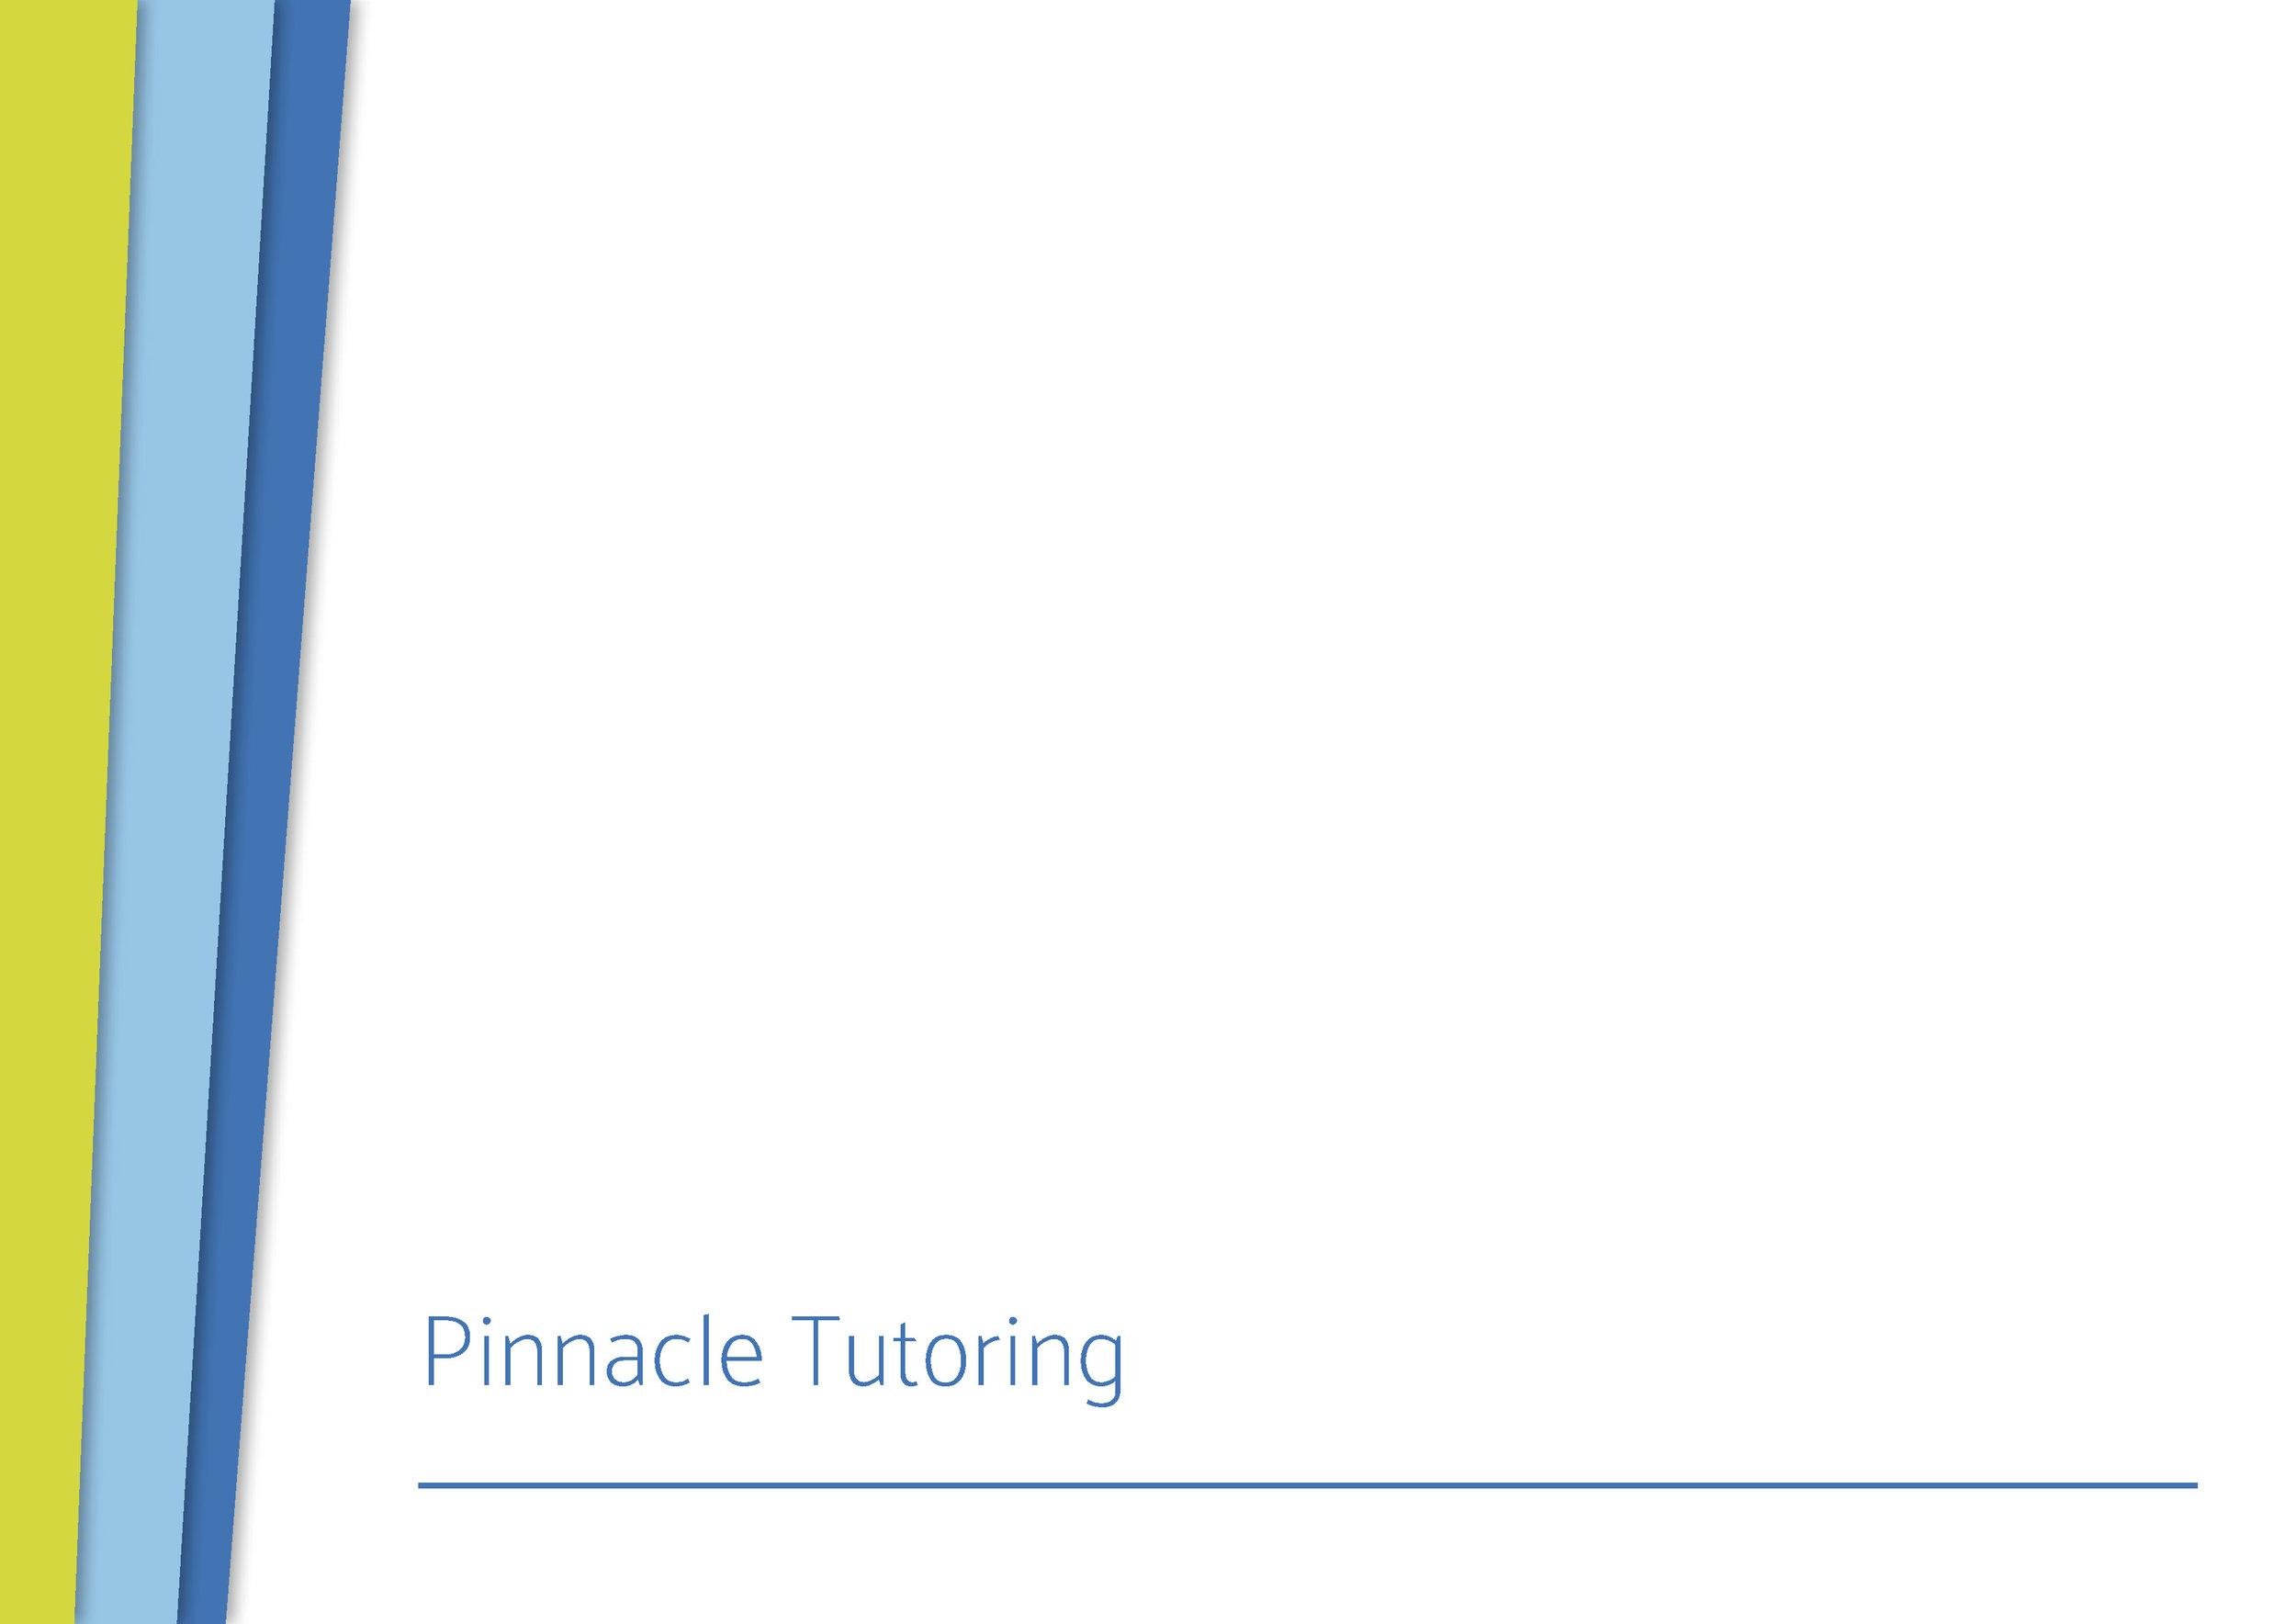 pinnacle_tutoringBrandPackage_Page_1.jpg